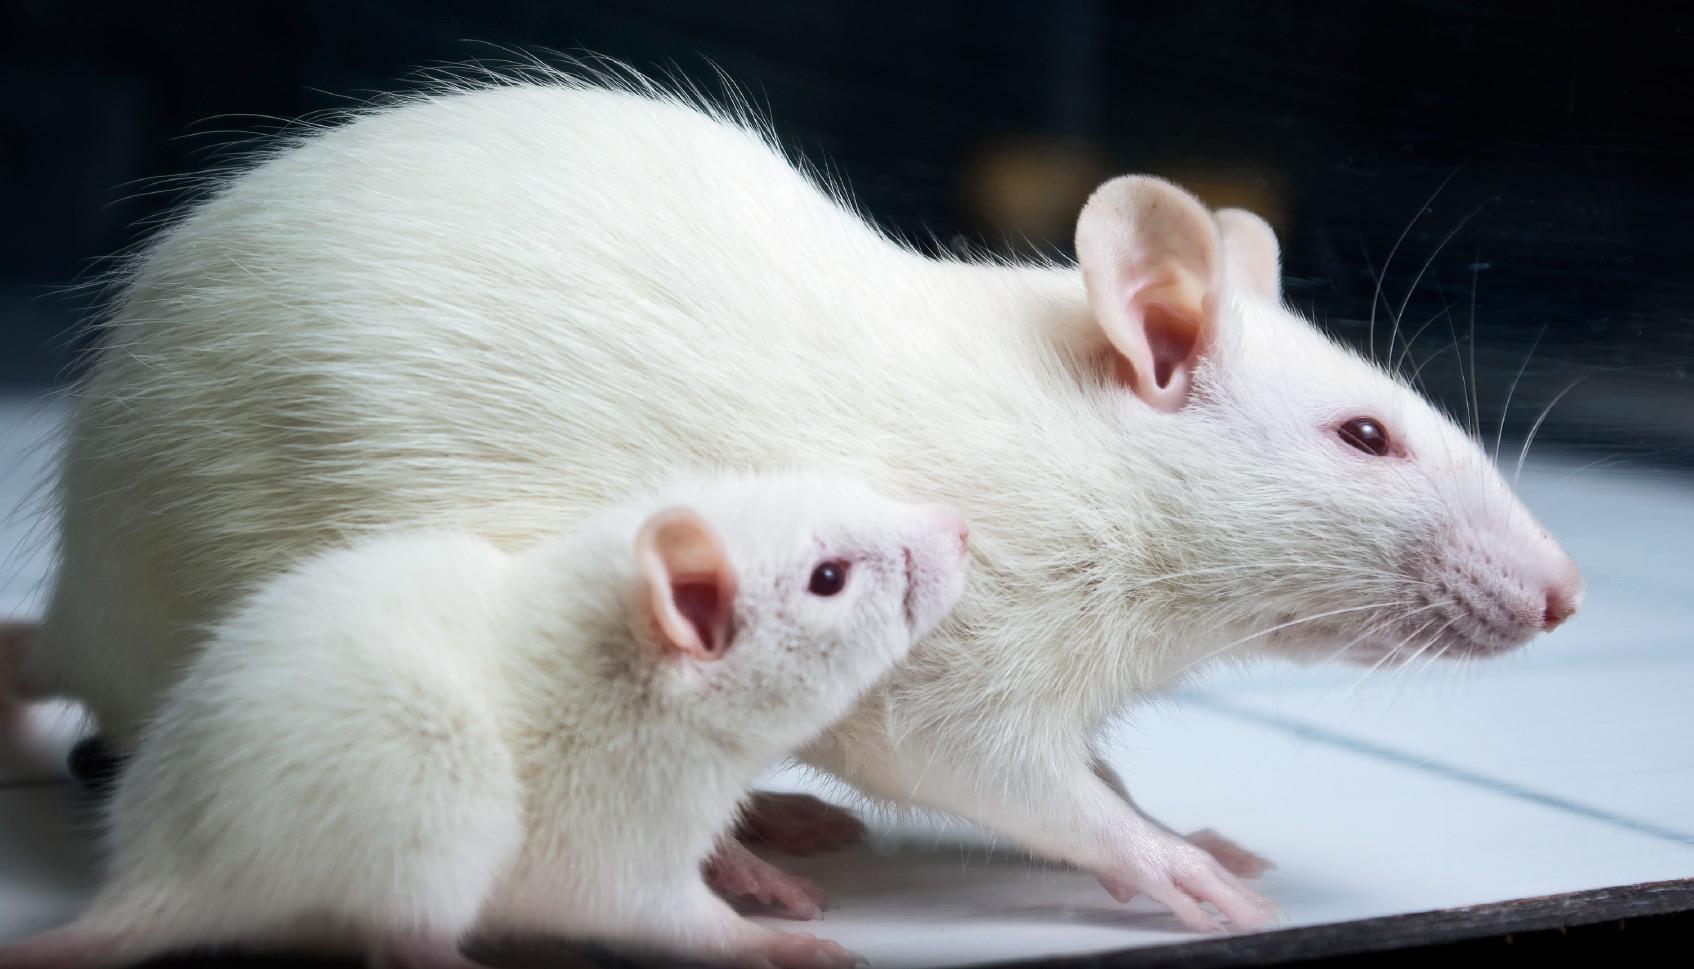 отзывы фото белого мышонка с красными глазами помню чудное